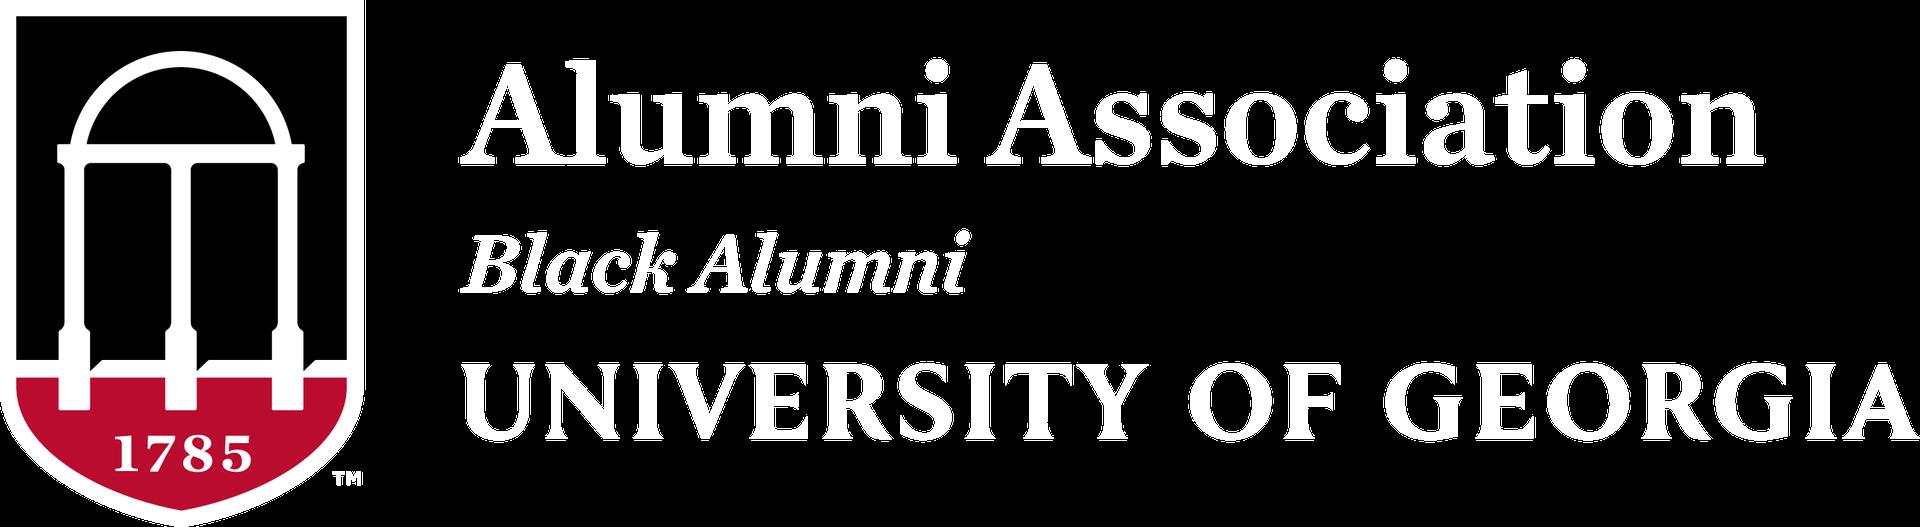 UGA Black Alumni logo